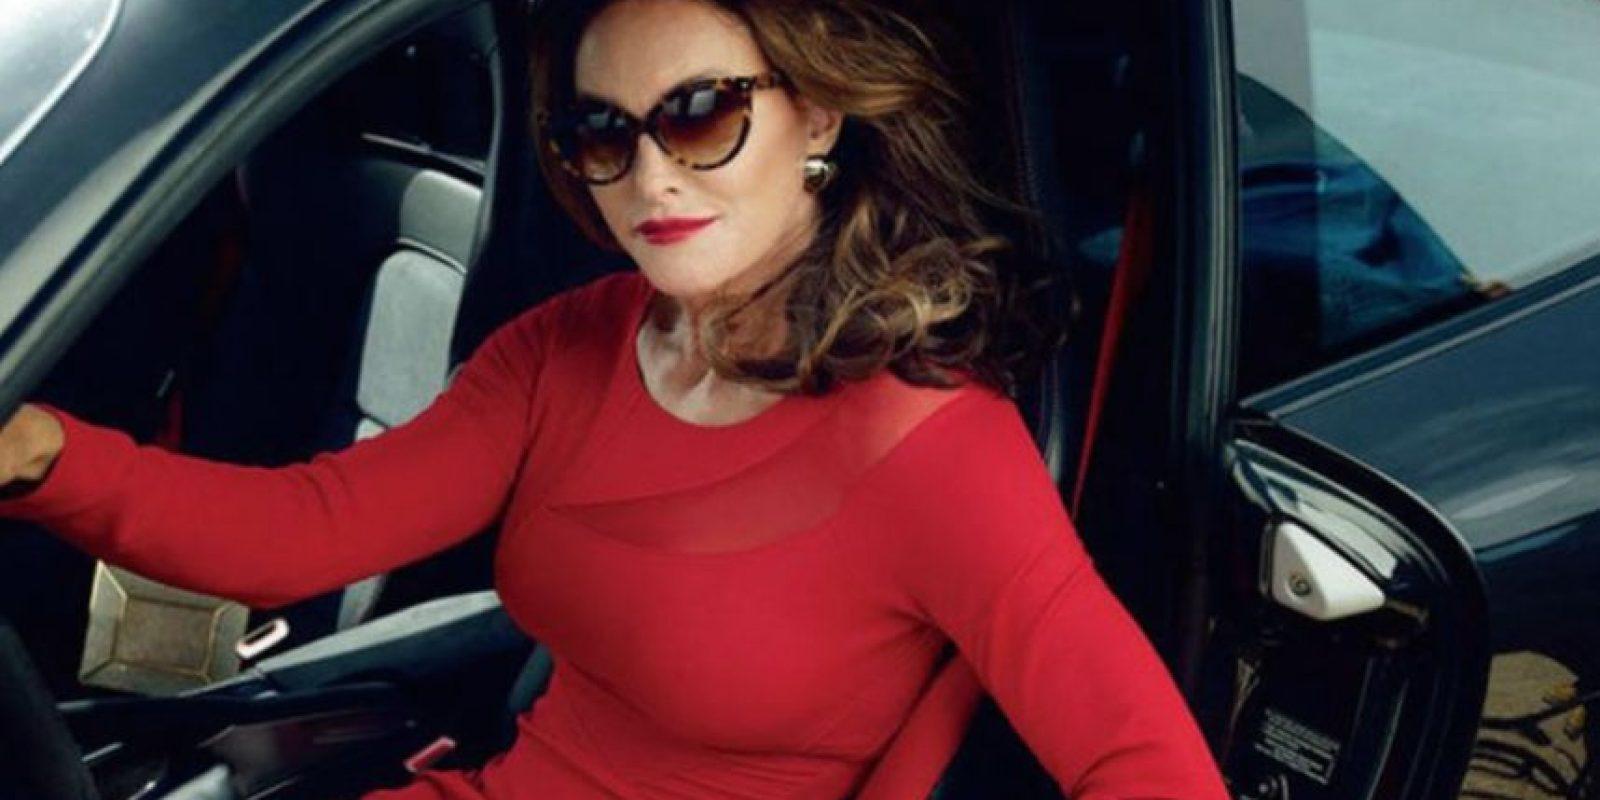 6.- Aquí Caitlyn Jenner enfundada en un vestido rojo que resalta sus atributos. Foto:vía instagram.com/kourtneykardashian